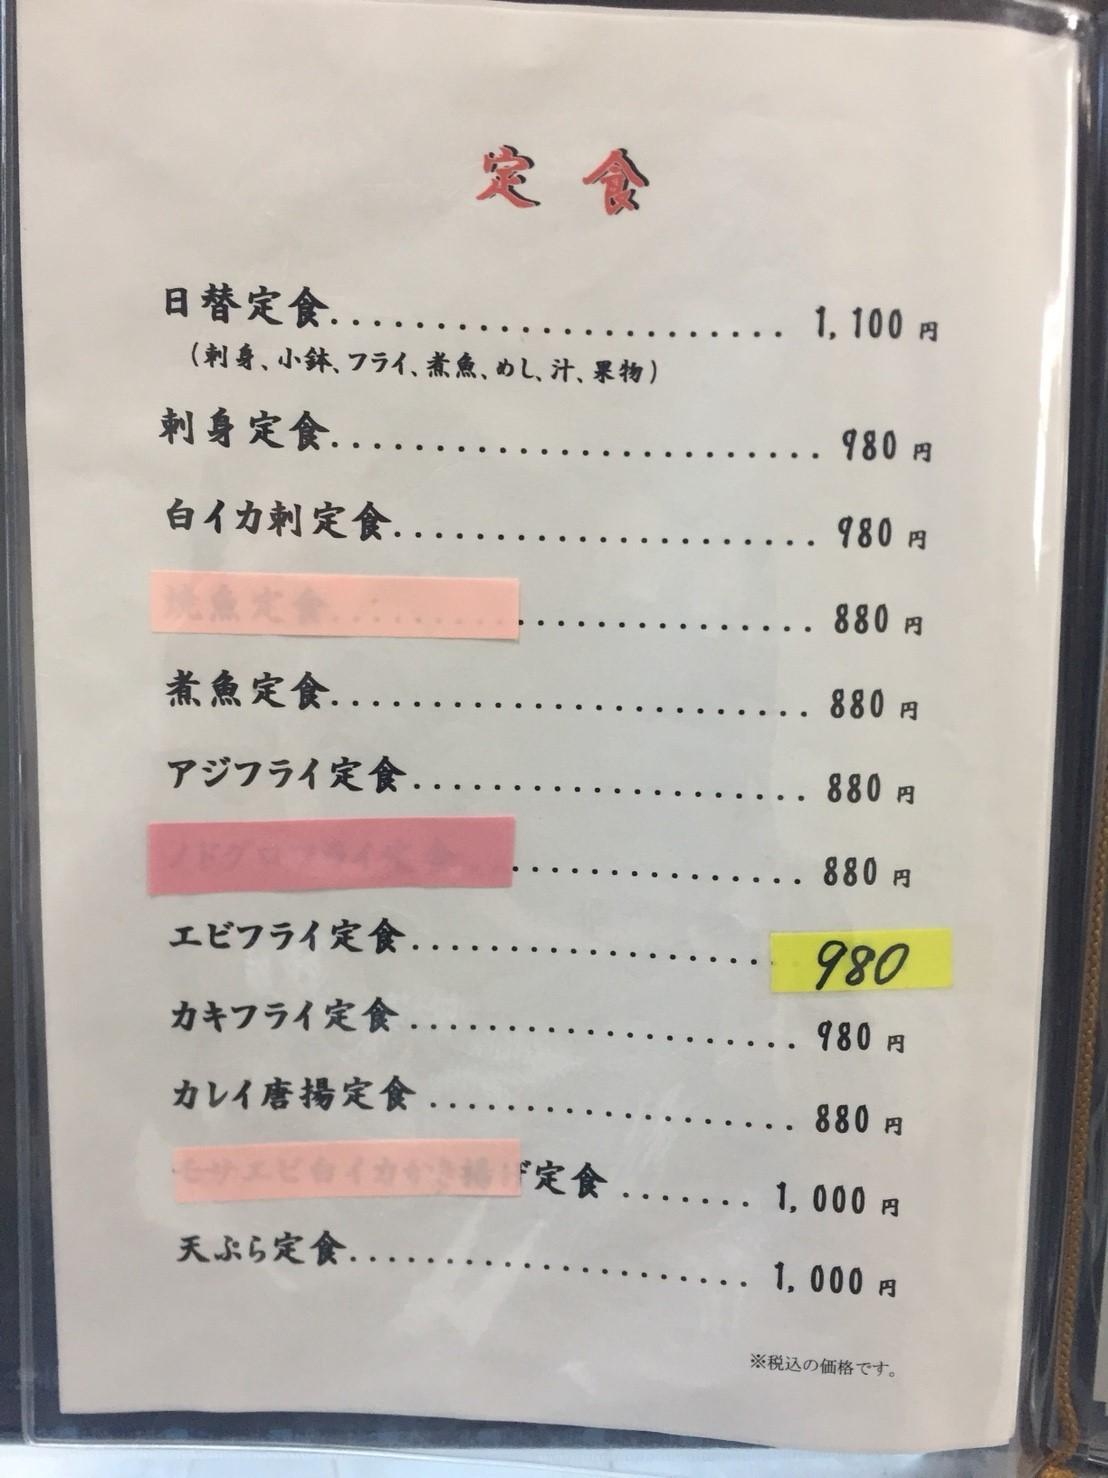 活魚 ふじ @赤碕_e0115904_08534629.jpg